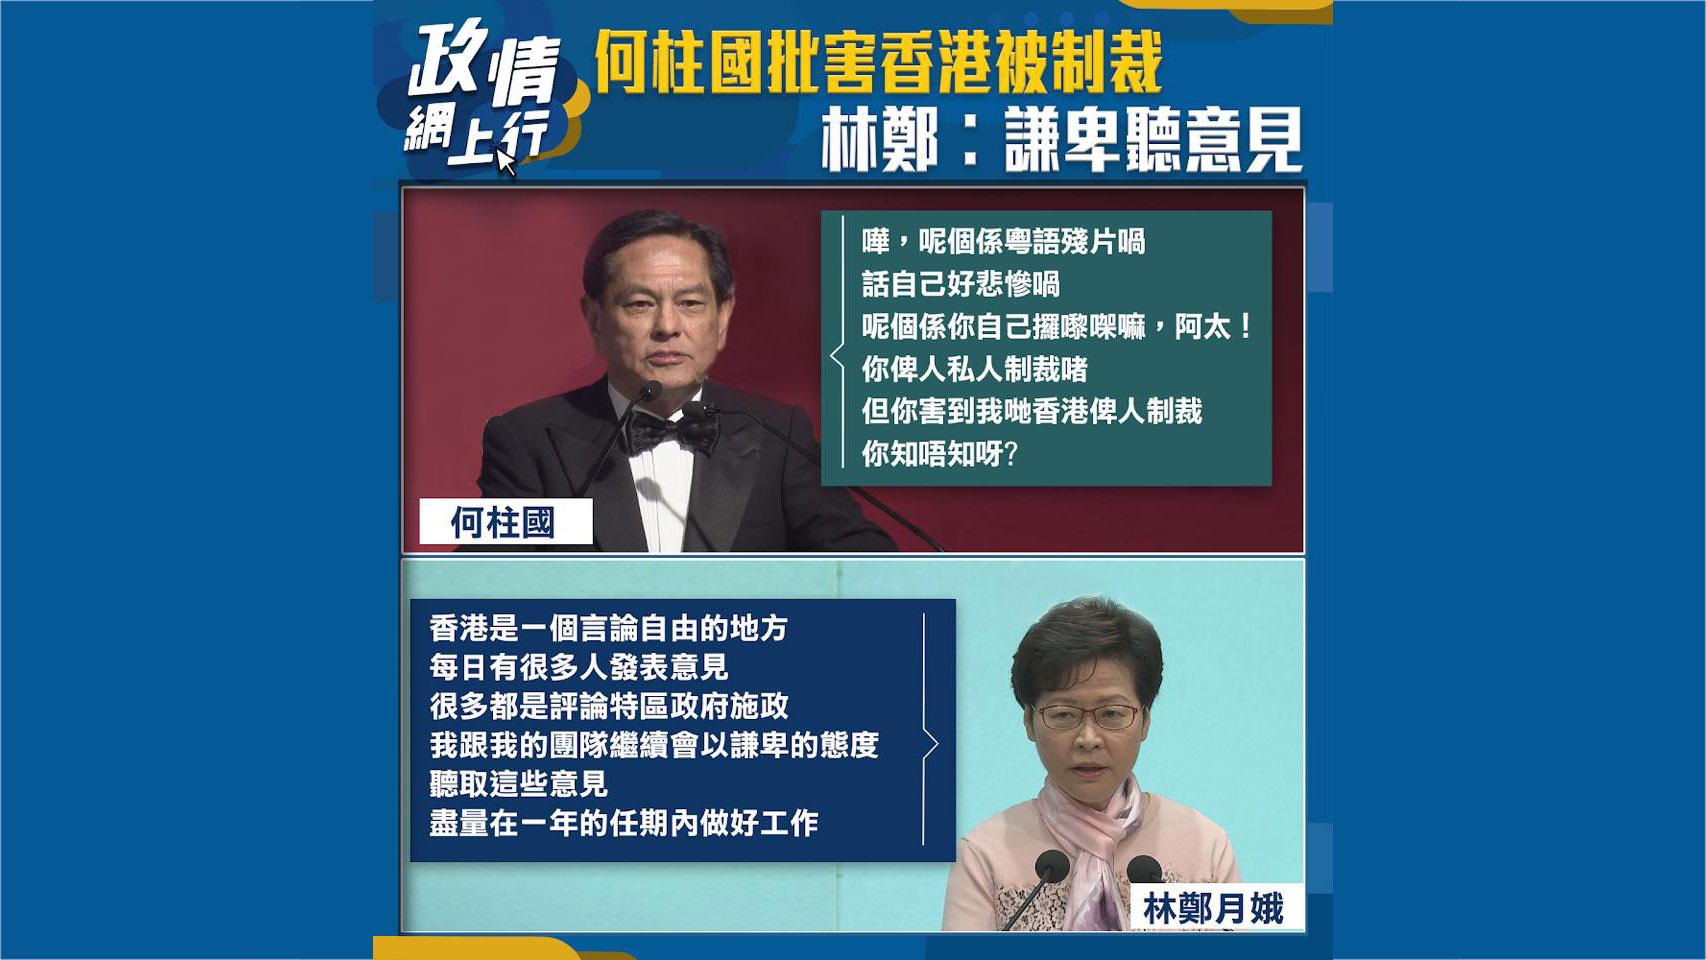 【政情網上行】何柱國批害香港被制裁 林鄭:謙卑聽意見